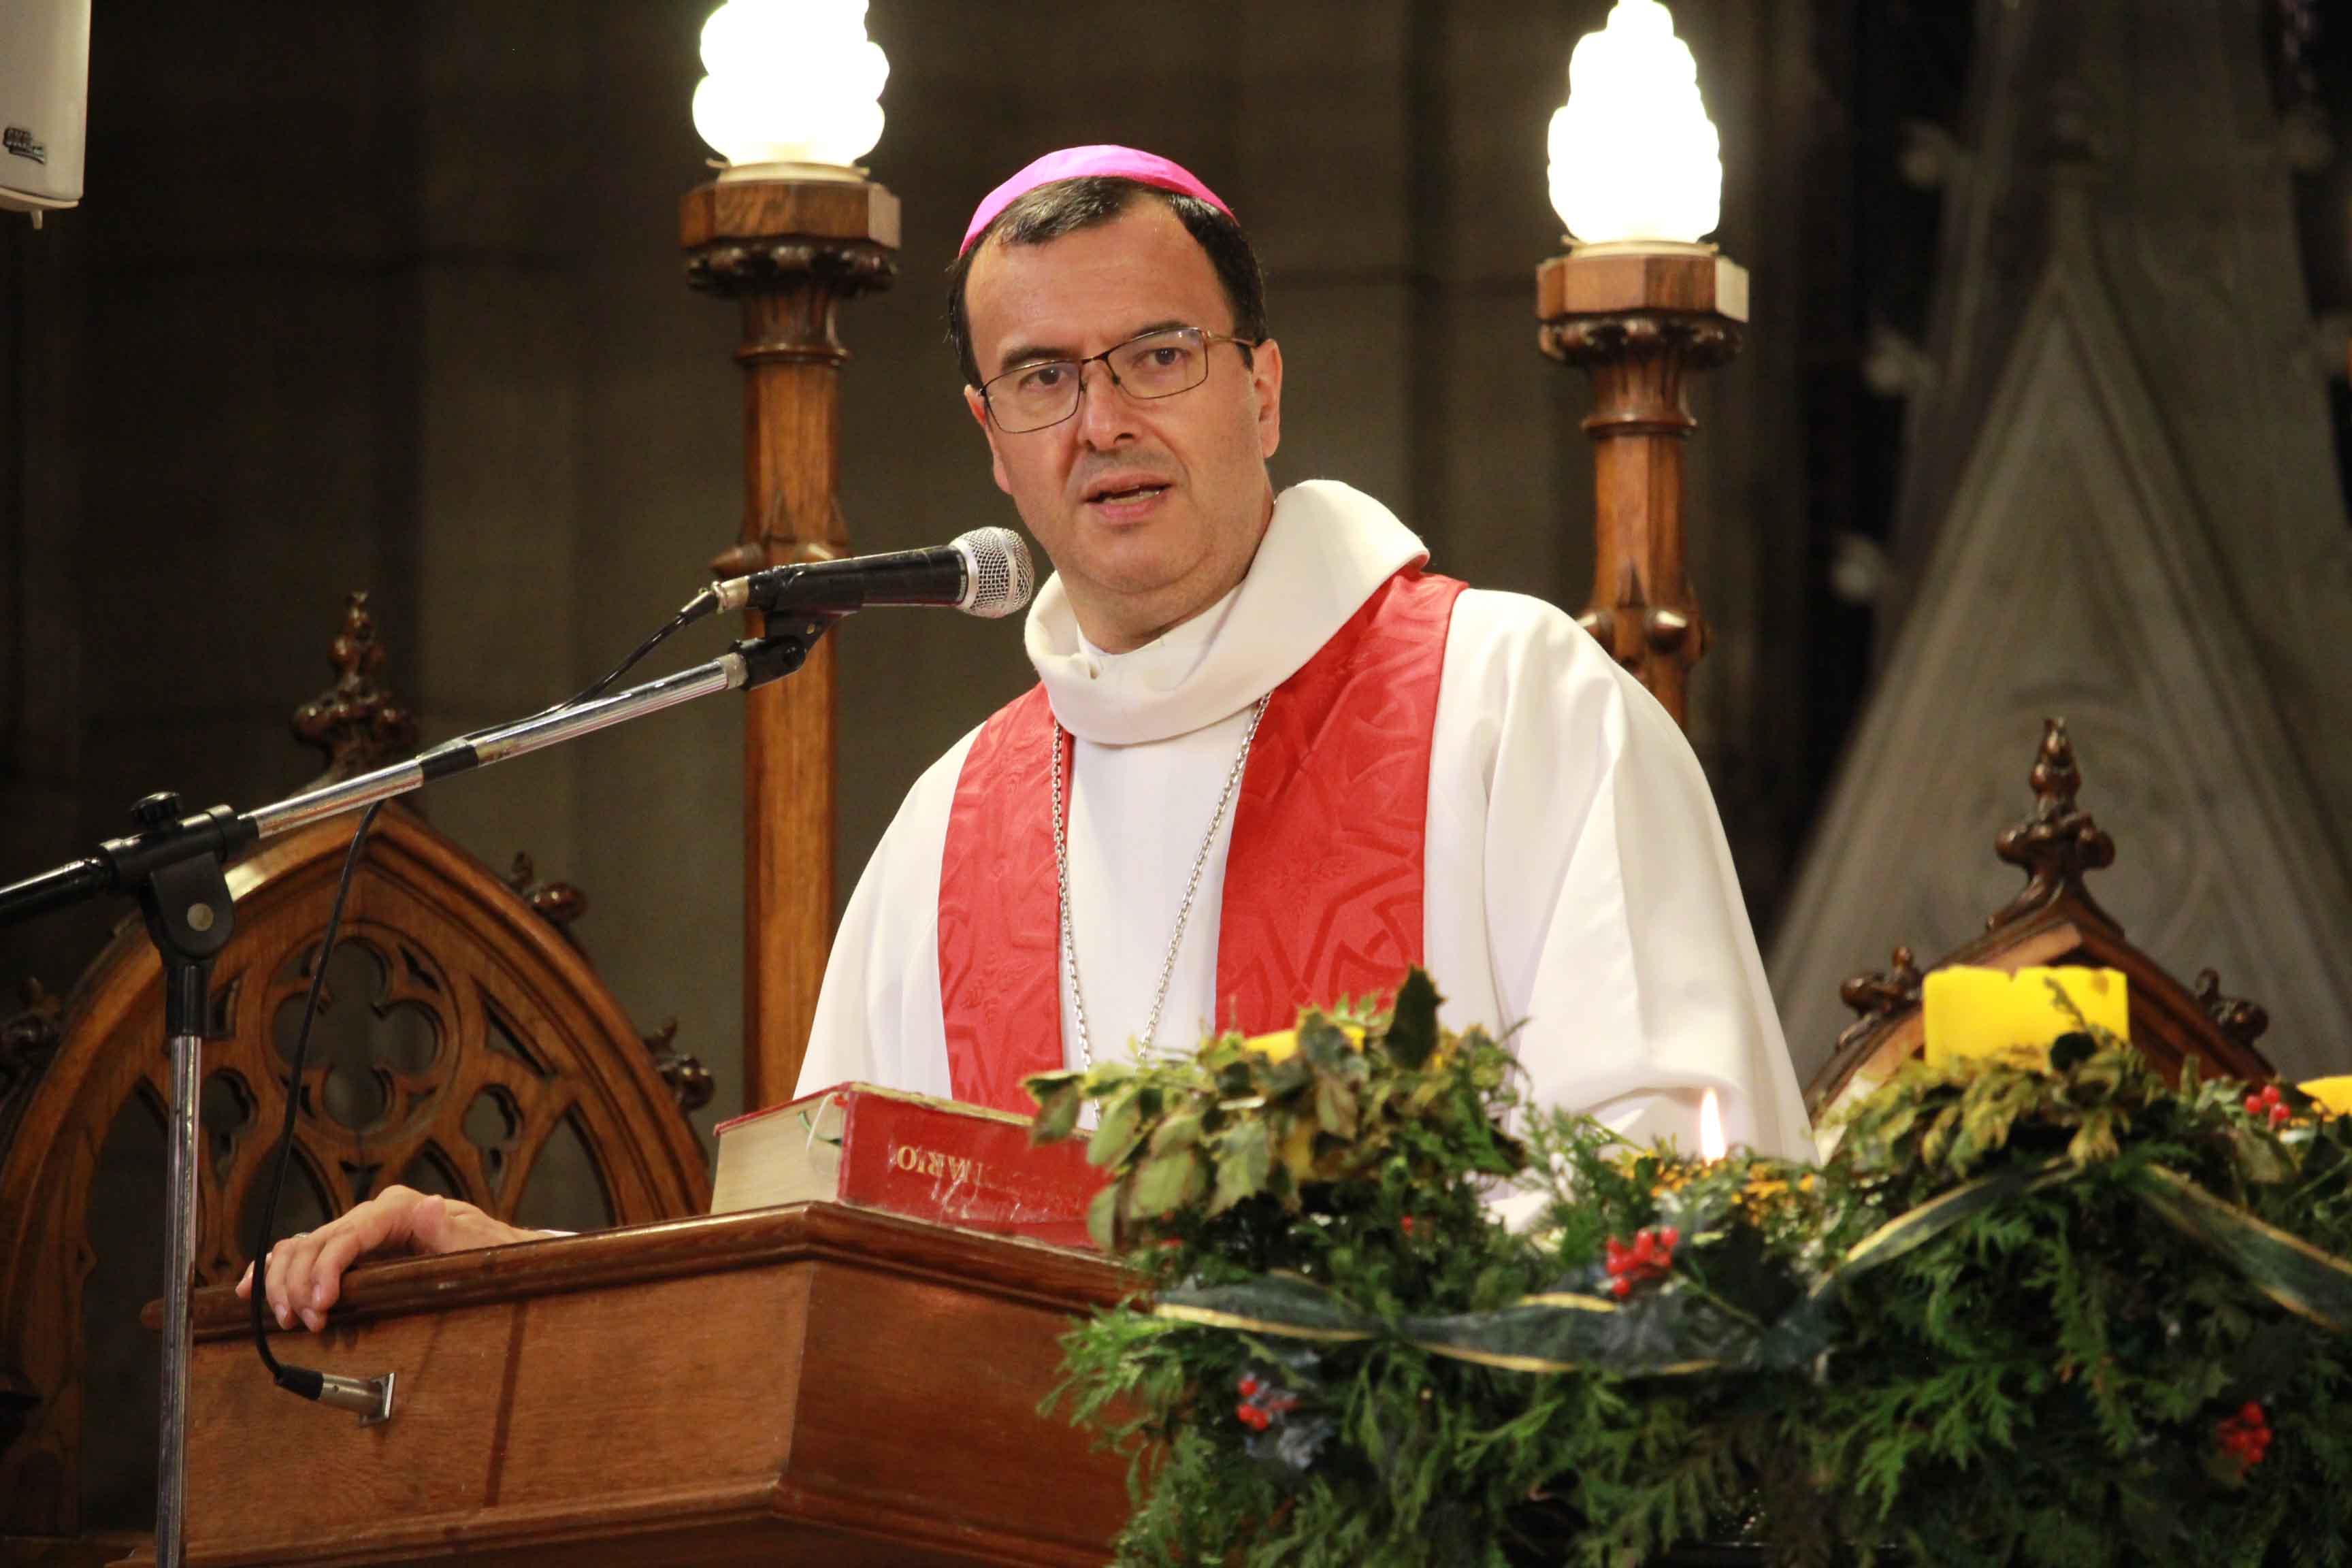 Retiros de adviento predicados por nuestro obispo Gabriel Mestre